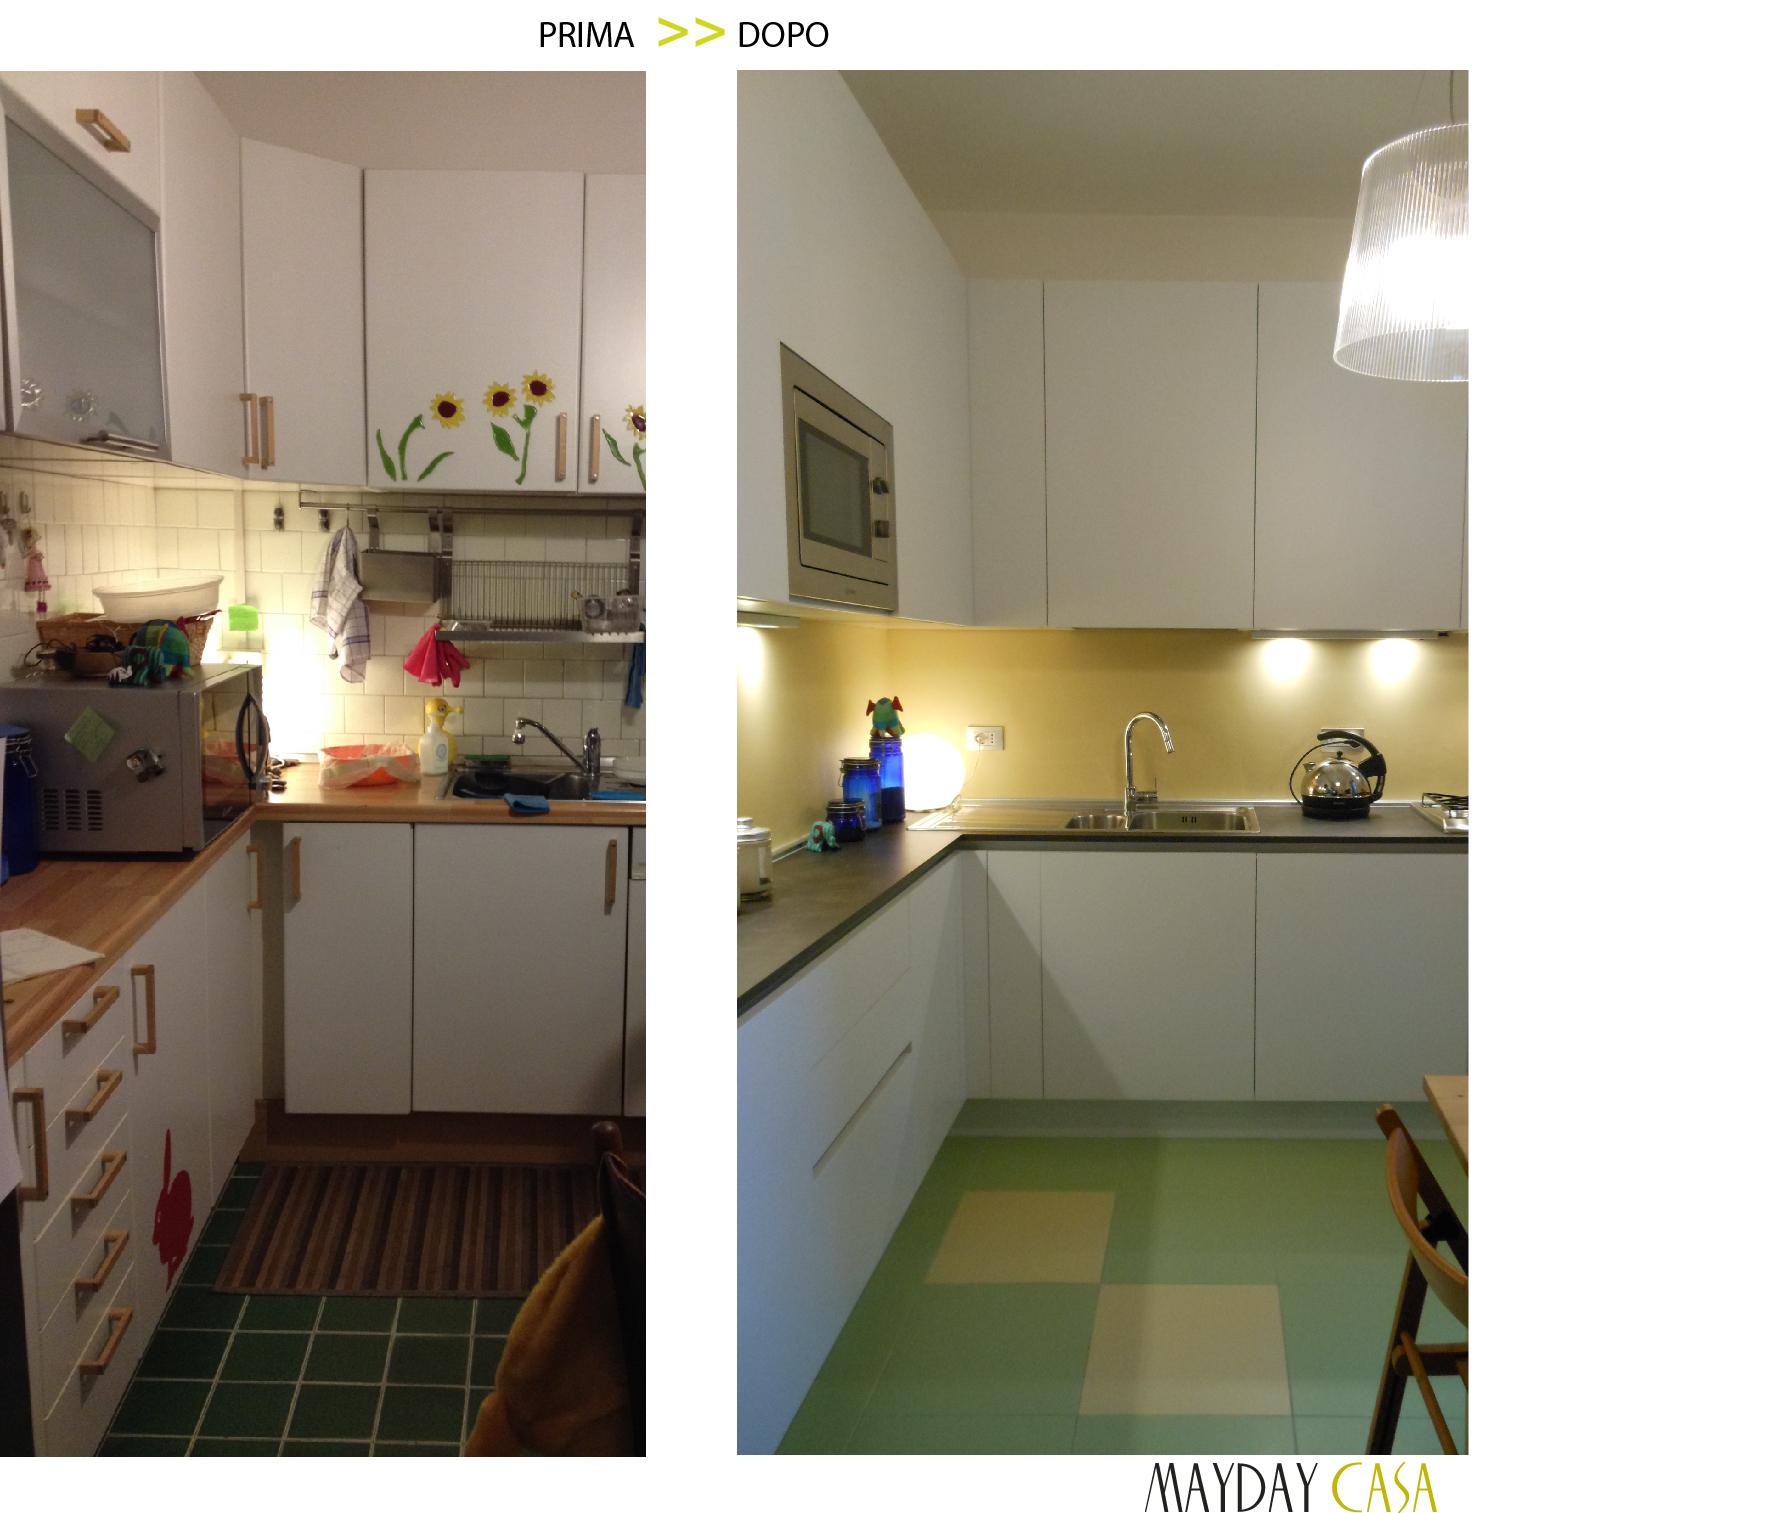 Progetti Cucine Piccole - Design Per La Casa Moderna - Ltay.net